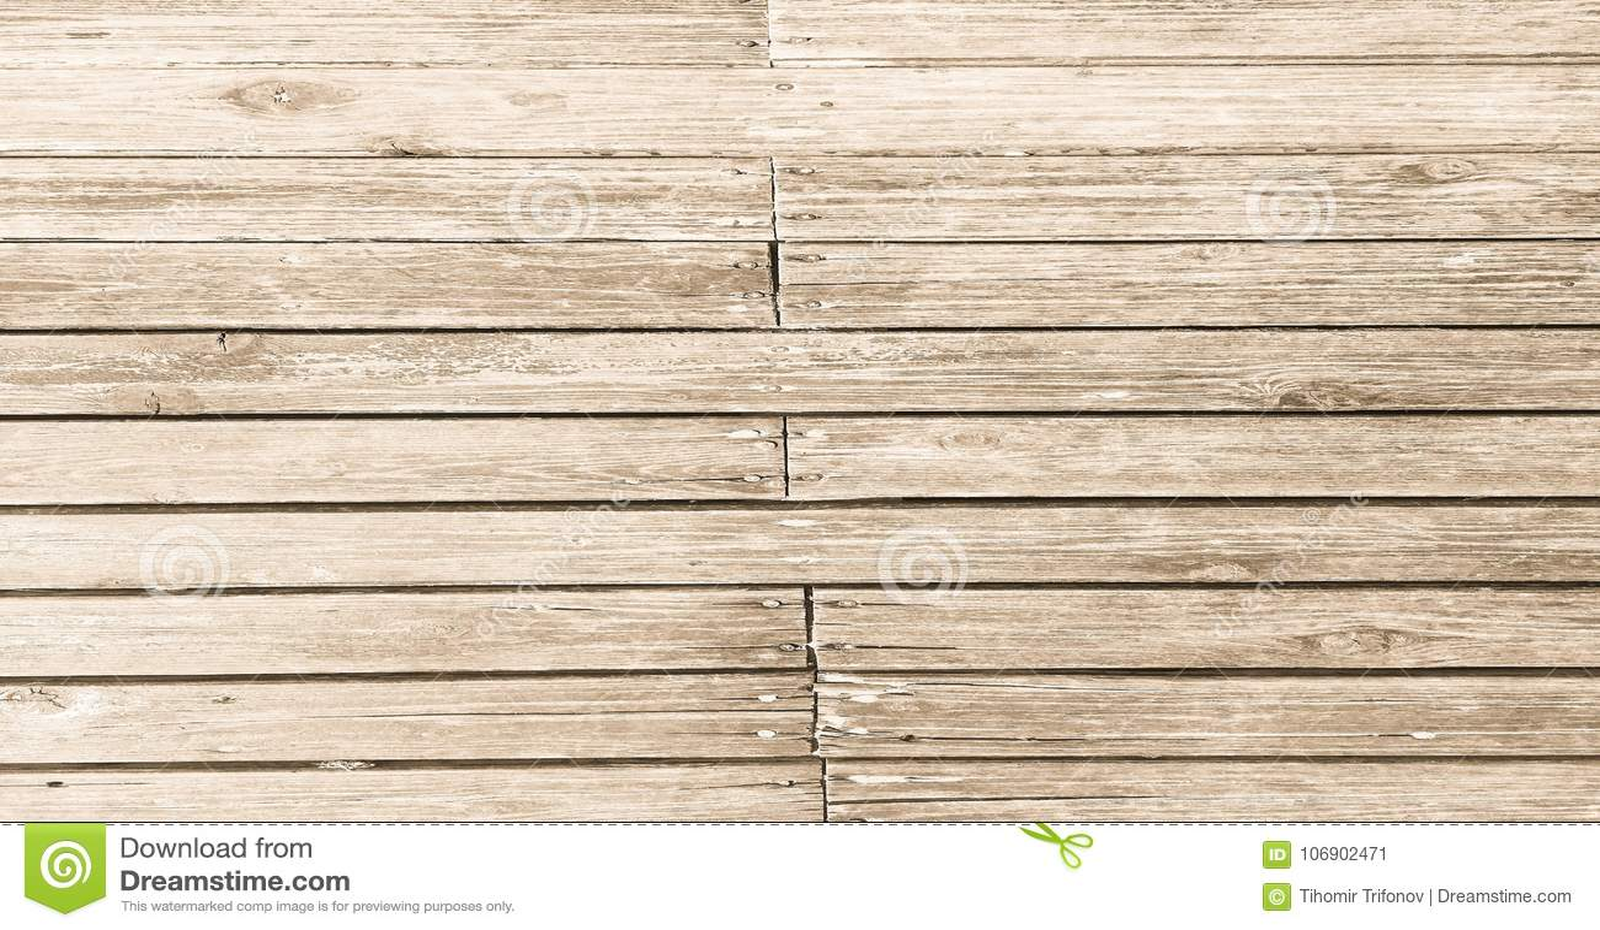 Drewniany tekstury tło, drewno deski Grunge drewno, malujący drewniany ściana wzór